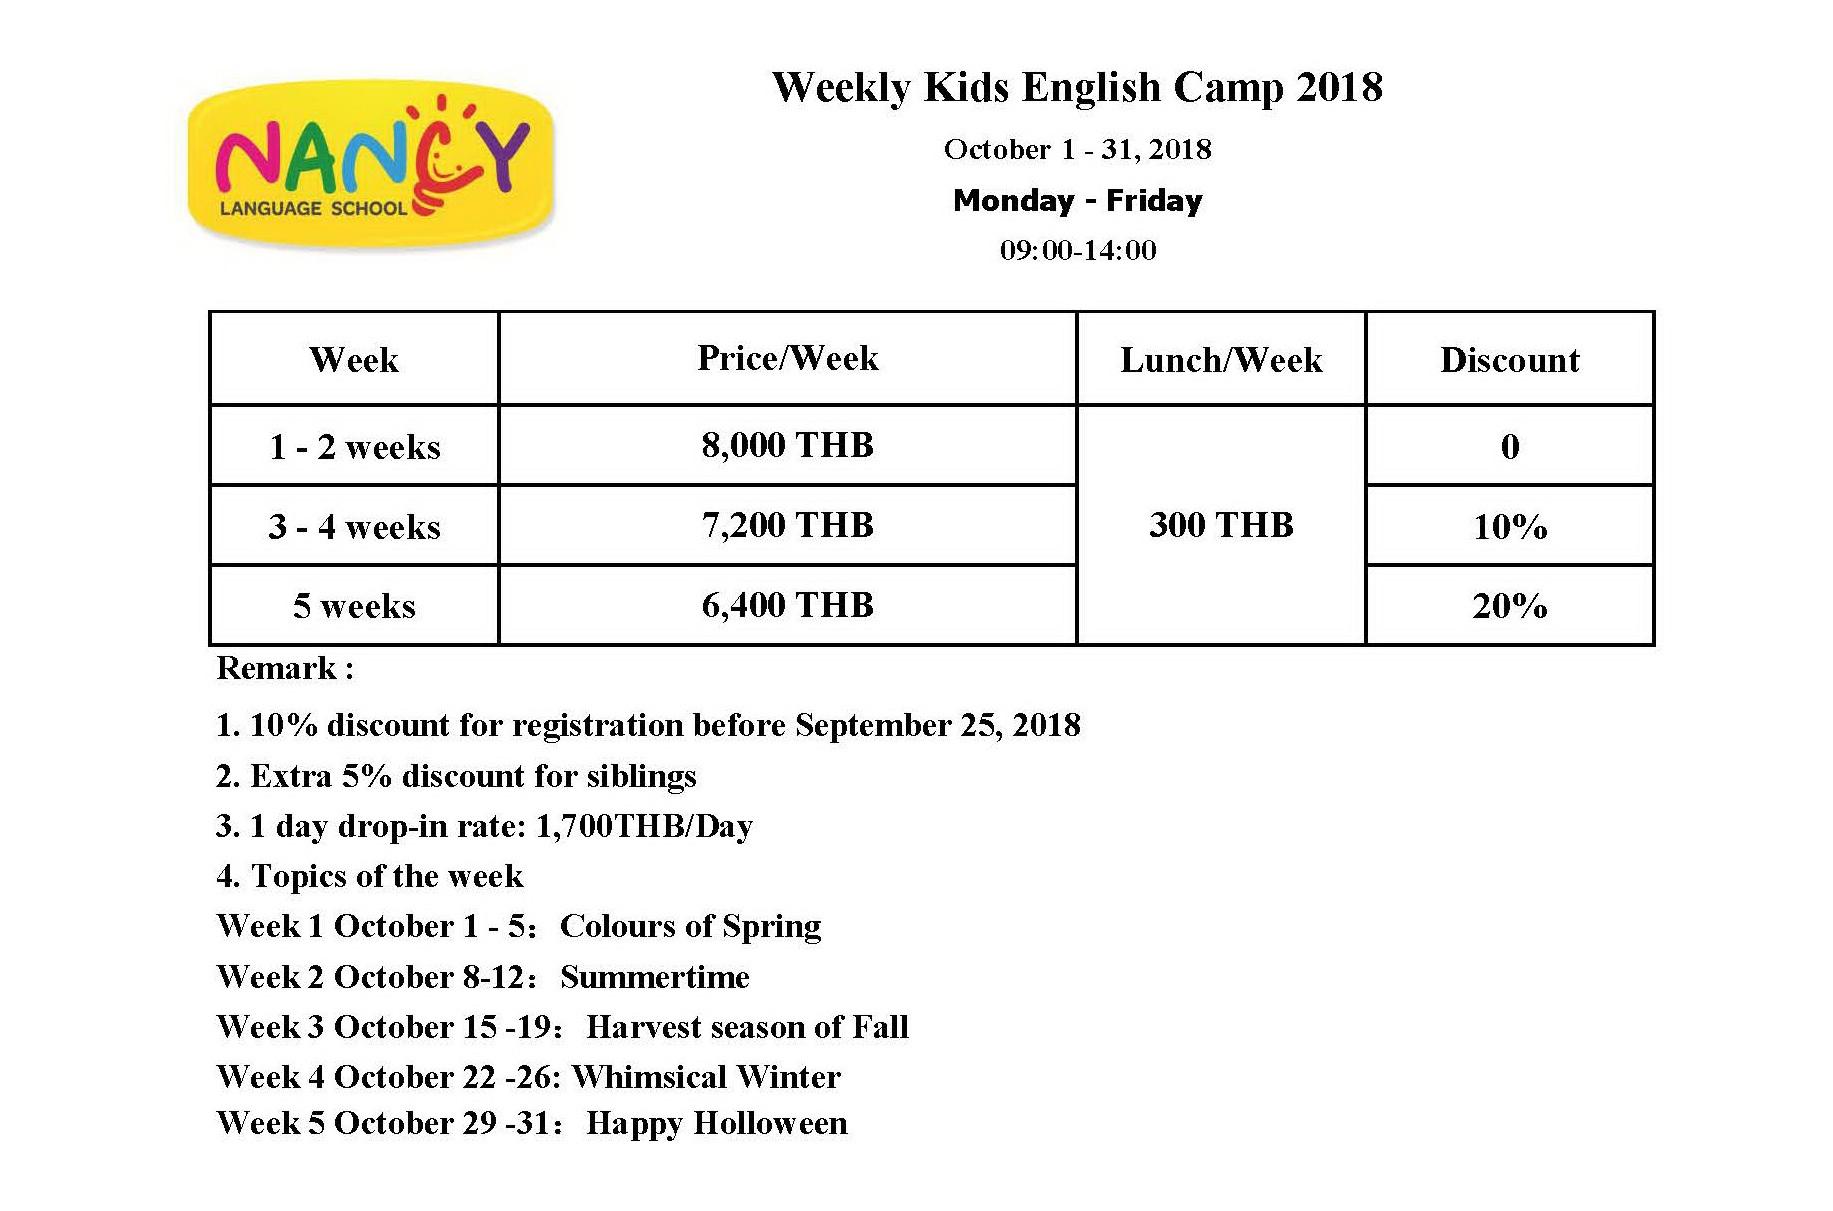 Kids Weekly English Camp Nancy Language Club Promoting